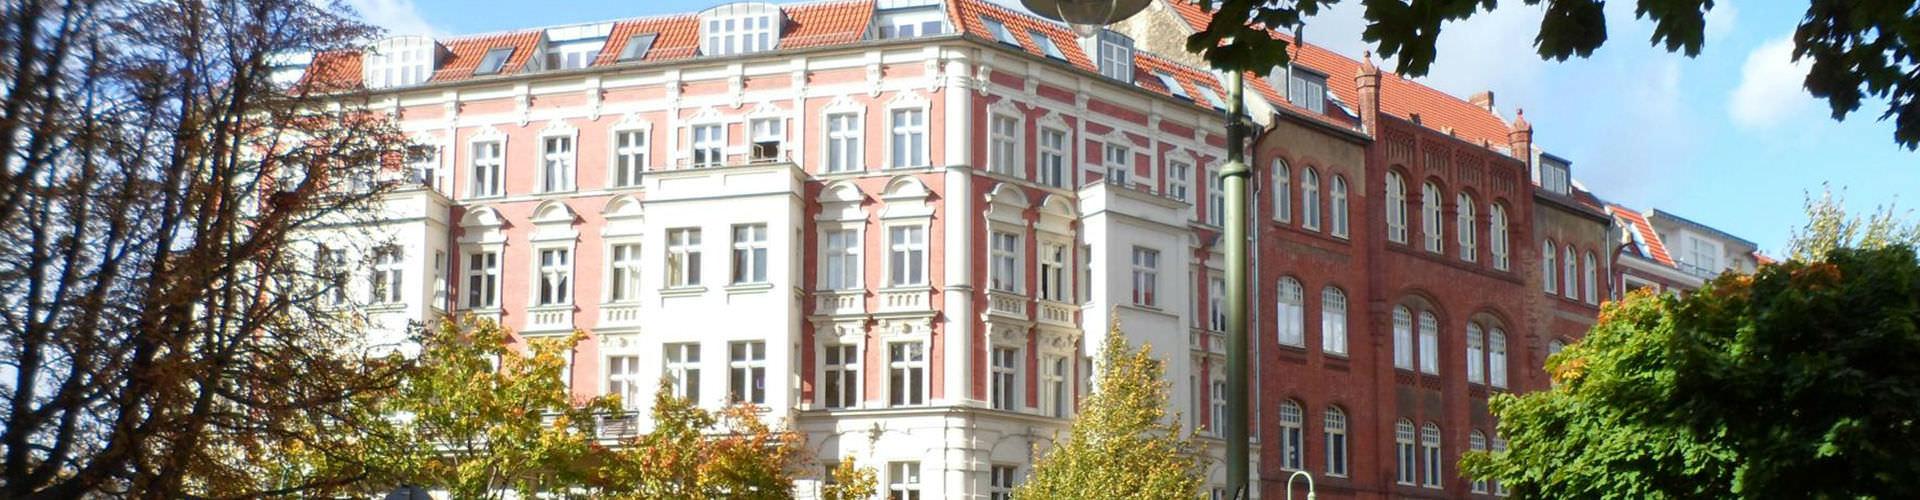 Berlin – Hostels im Stadtteil Prenzlauer Berg. Berlin auf der Karte. Fotos und Bewertungen für jedes Hostel in Berlin.